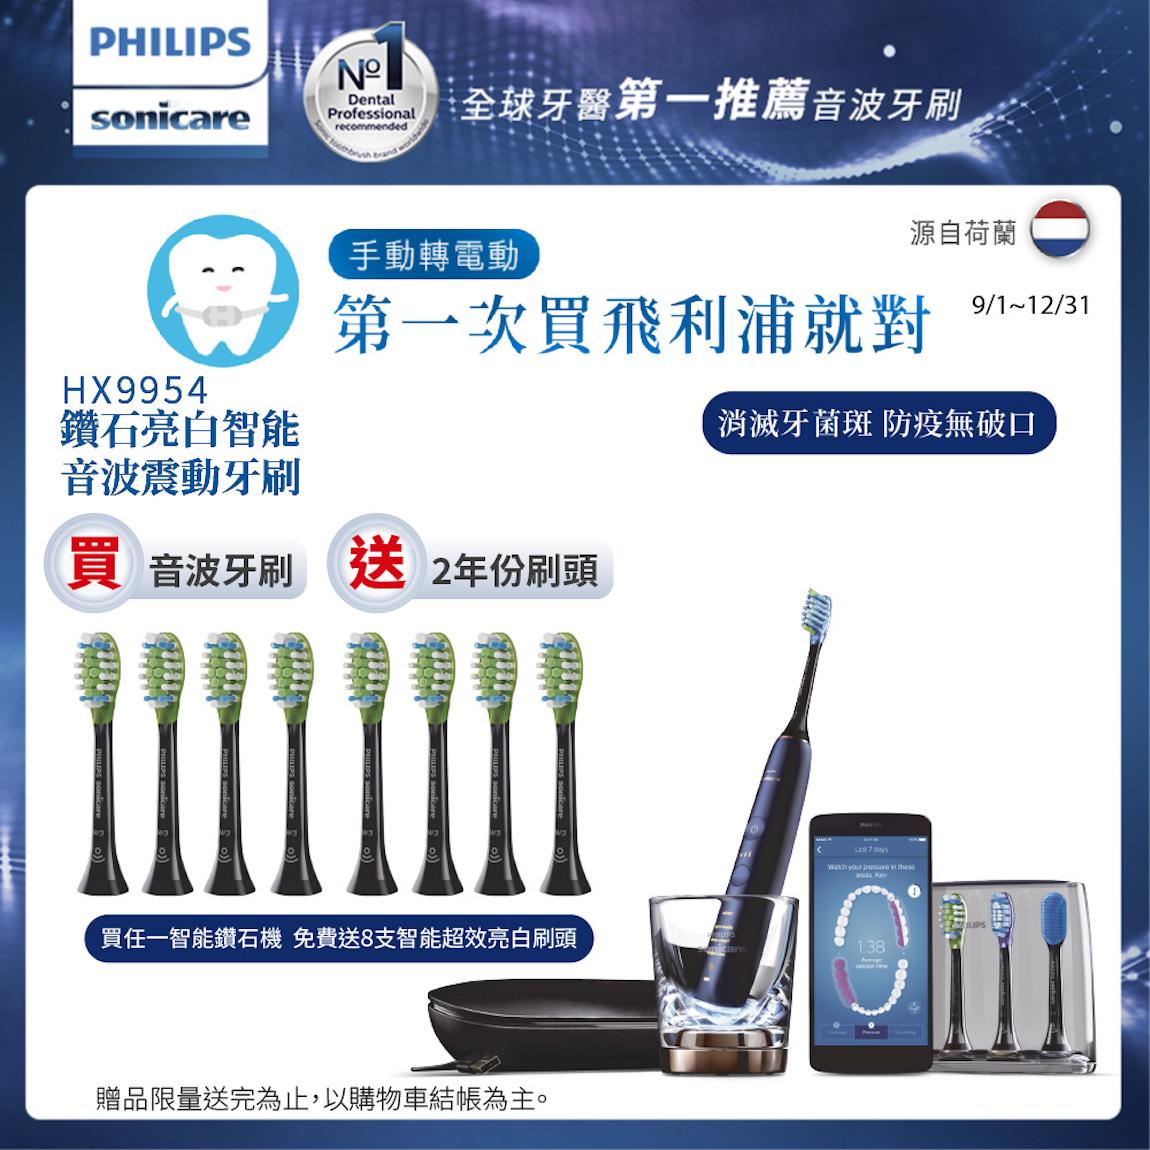 【音波震動 徹底潔牙】PHILIPS 飛利浦 鑽石靚白智能音波震動牙刷/電動牙刷(深邃藍) HX9954/52 (買就送衣物香氛噴霧)